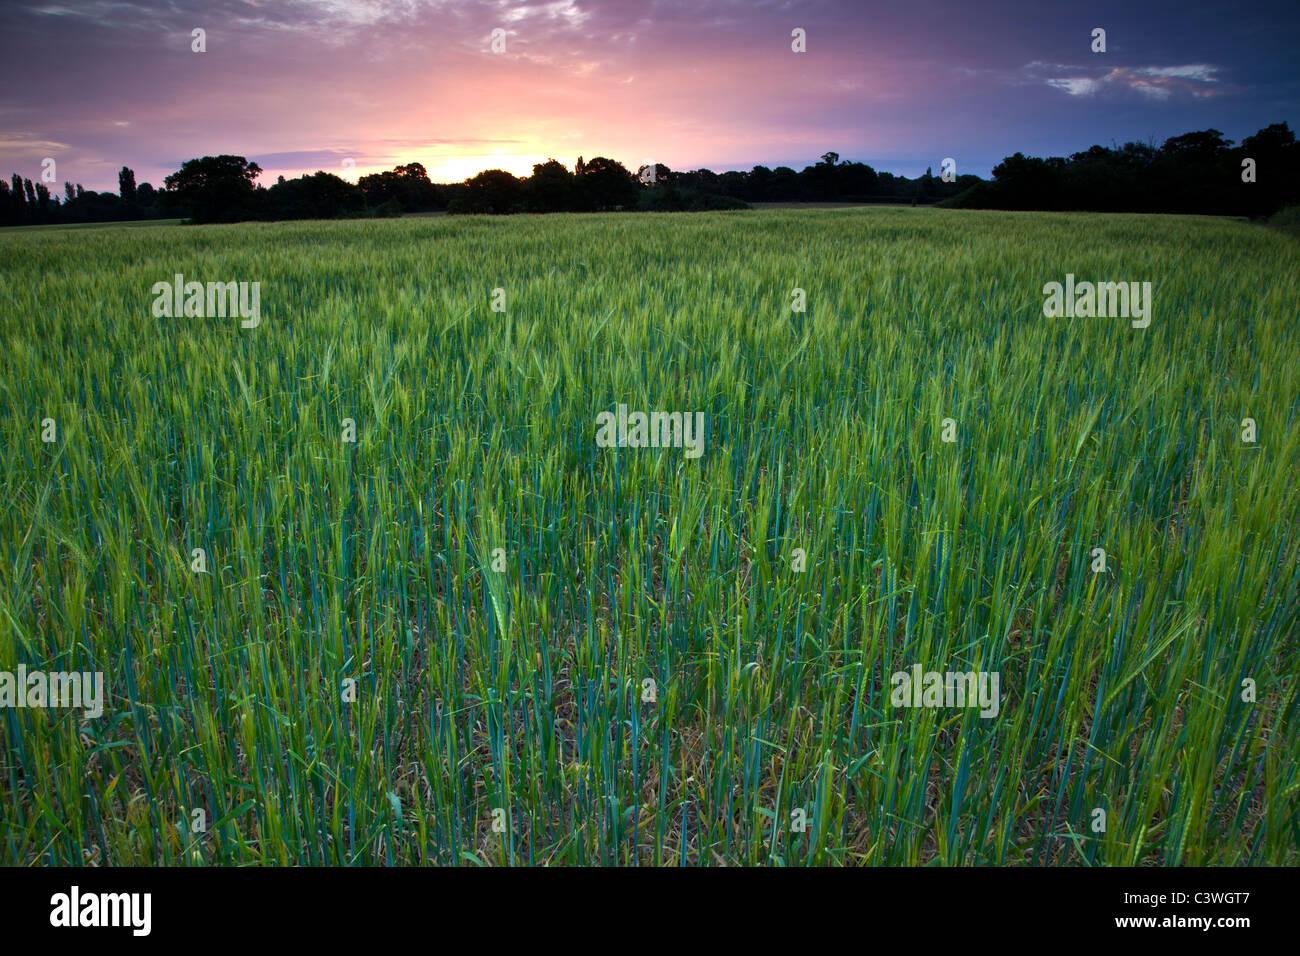 Domaine de l'orge au printemps à l'aube Photo Stock